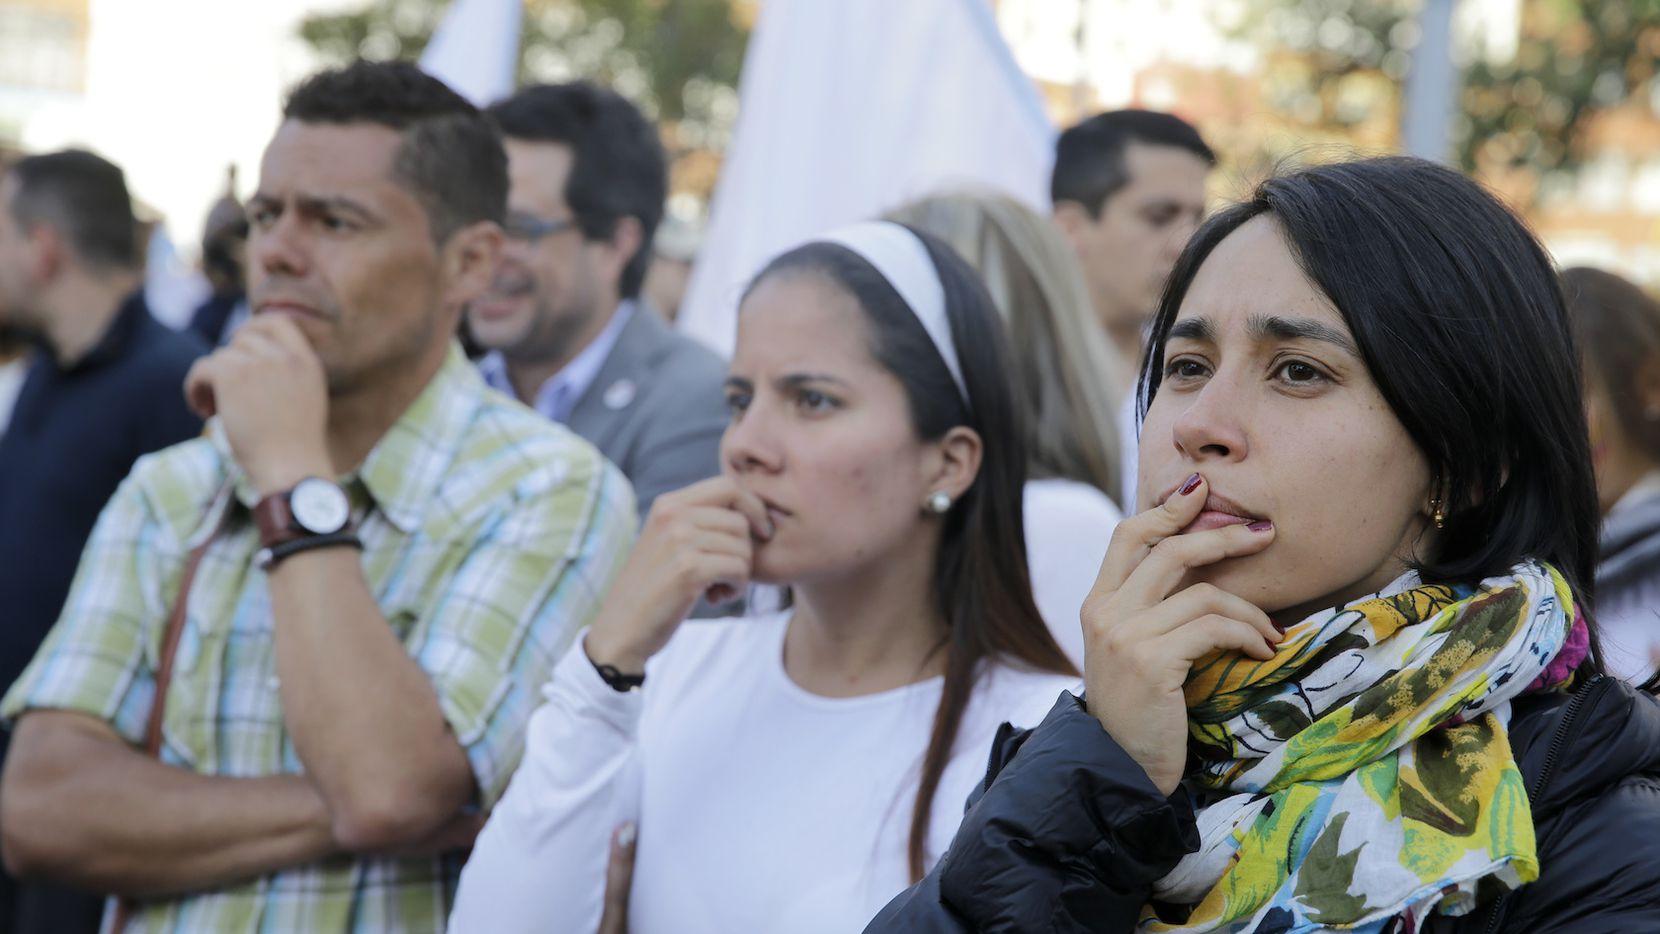 Colombianos que apoyan un acuerdo de paz entre el gobierno y el grupo guerrillero FARC reaccionan al conocerse el veredicto. AP